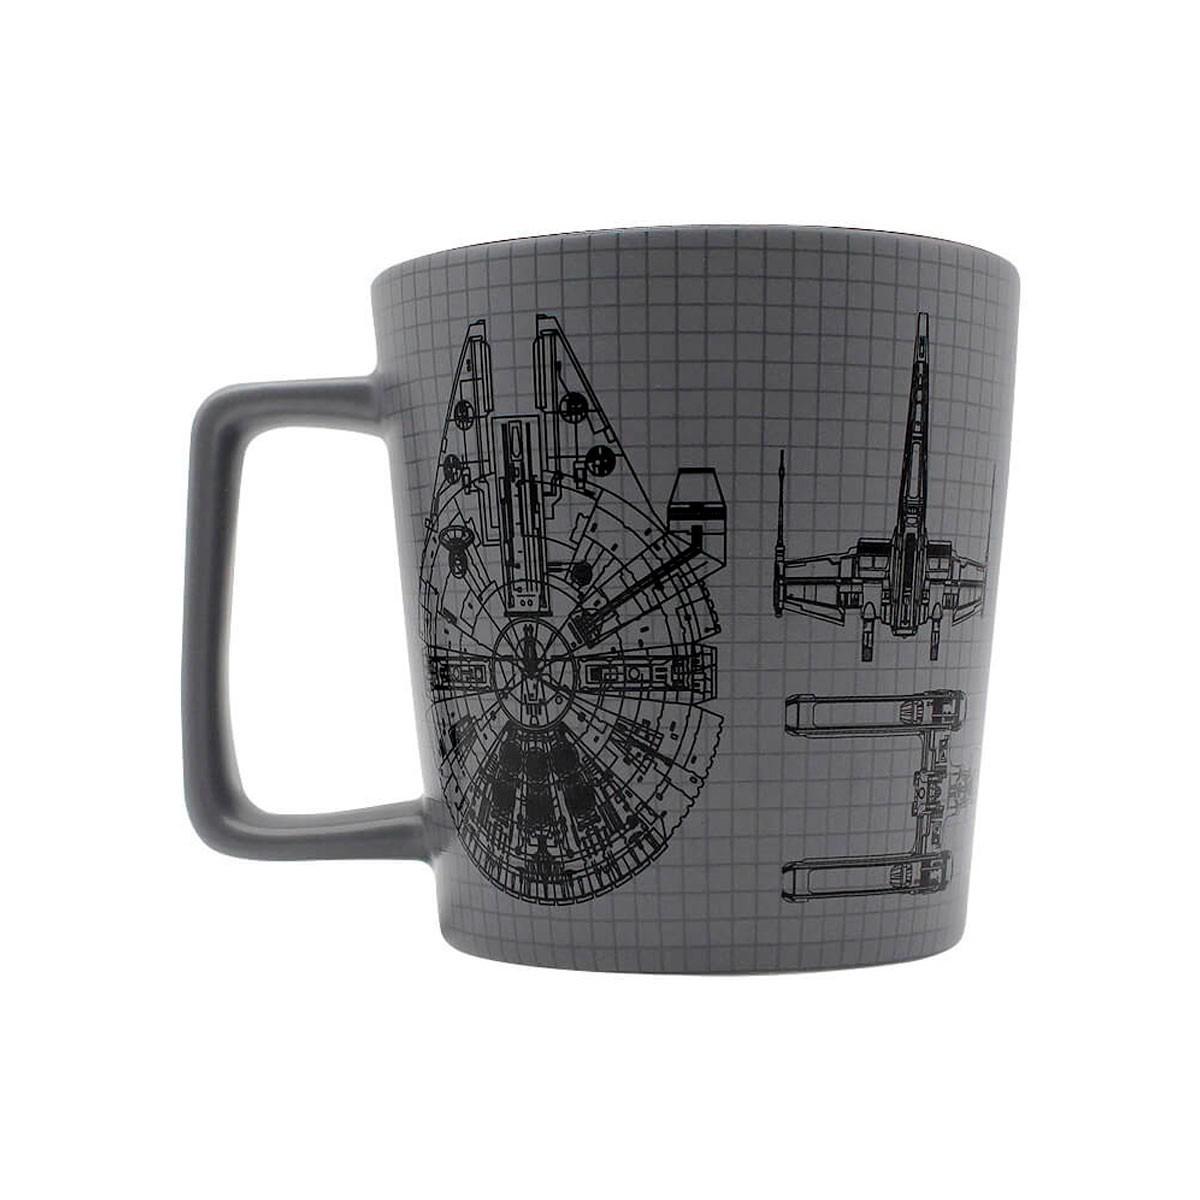 Caneca Alça Quadrada 400 ml Millenium Falcon Star Wars